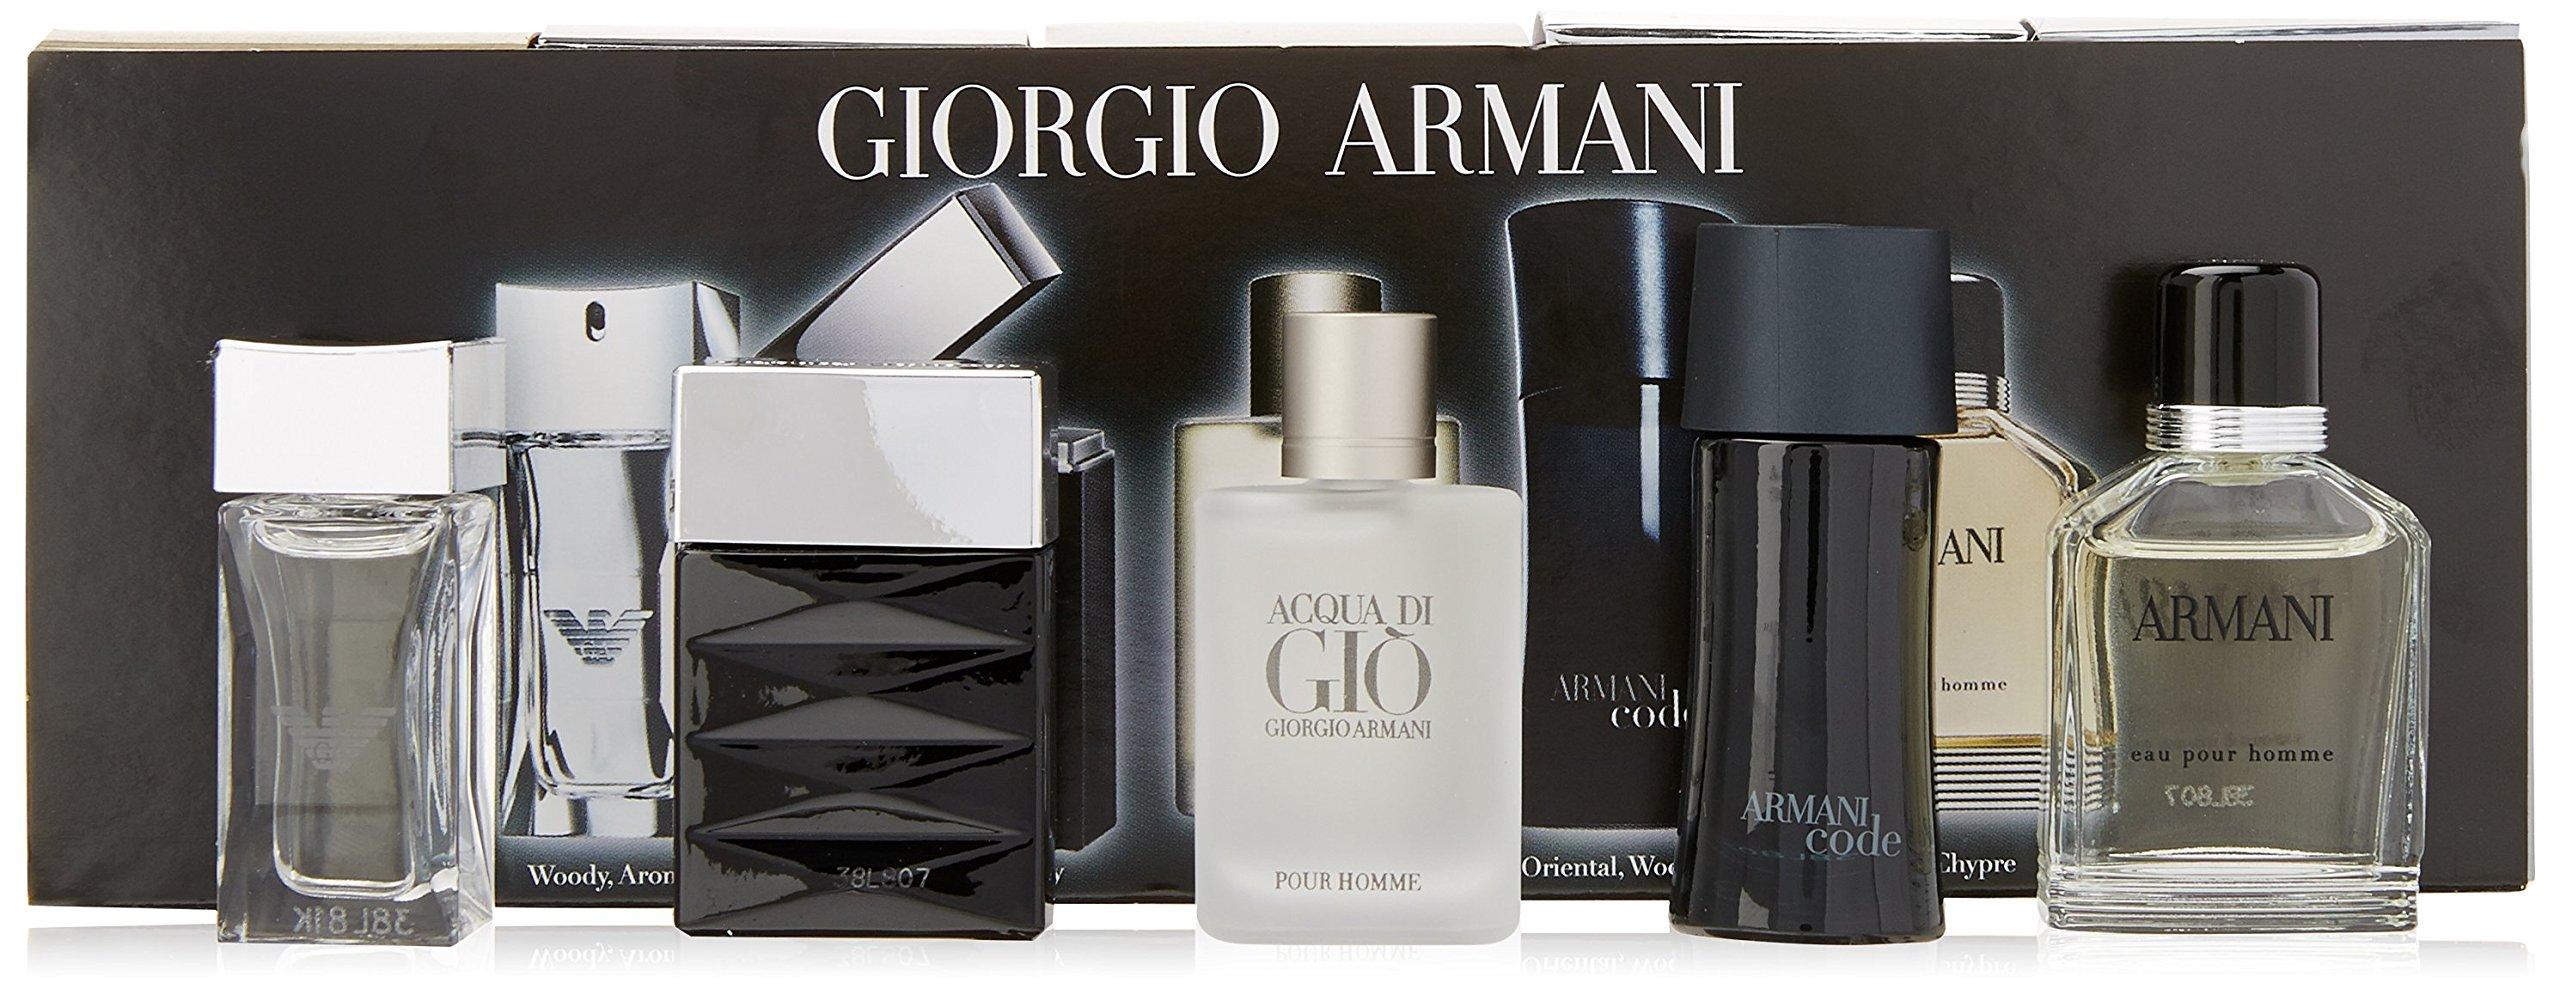 Amazon.com   Giorgio Armani Mini Attitude 5 Piece Gift Set for Men    Accessory   Beauty 3110fcb1fea2